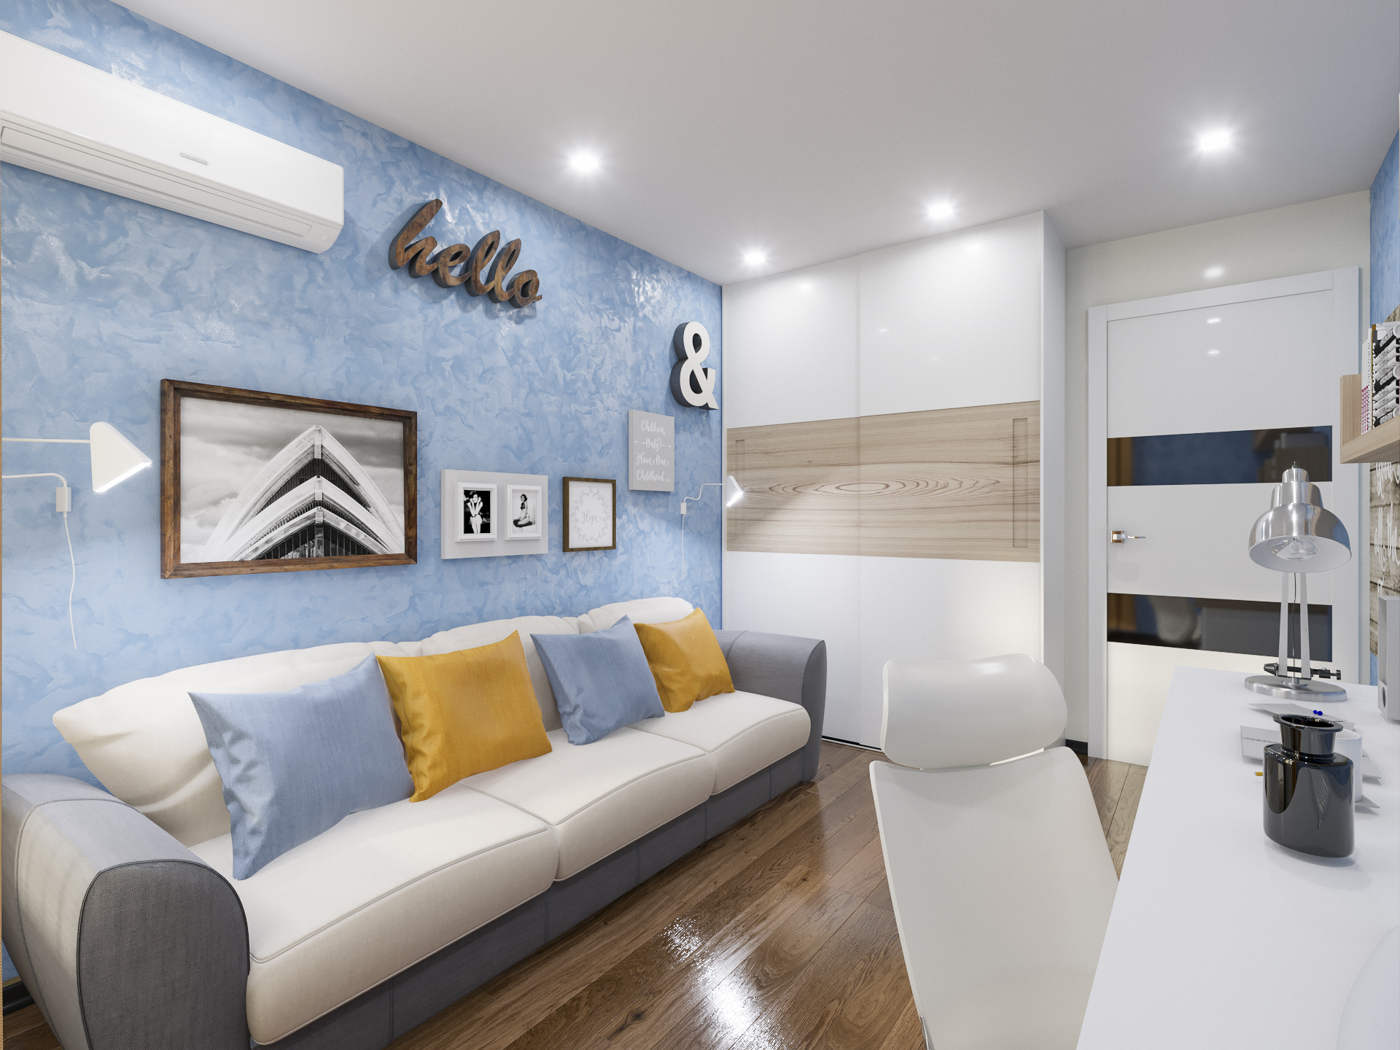 Дизайн детской комнаты Киев подростковая комната, диван, современный стиль, скандинавский, лофт